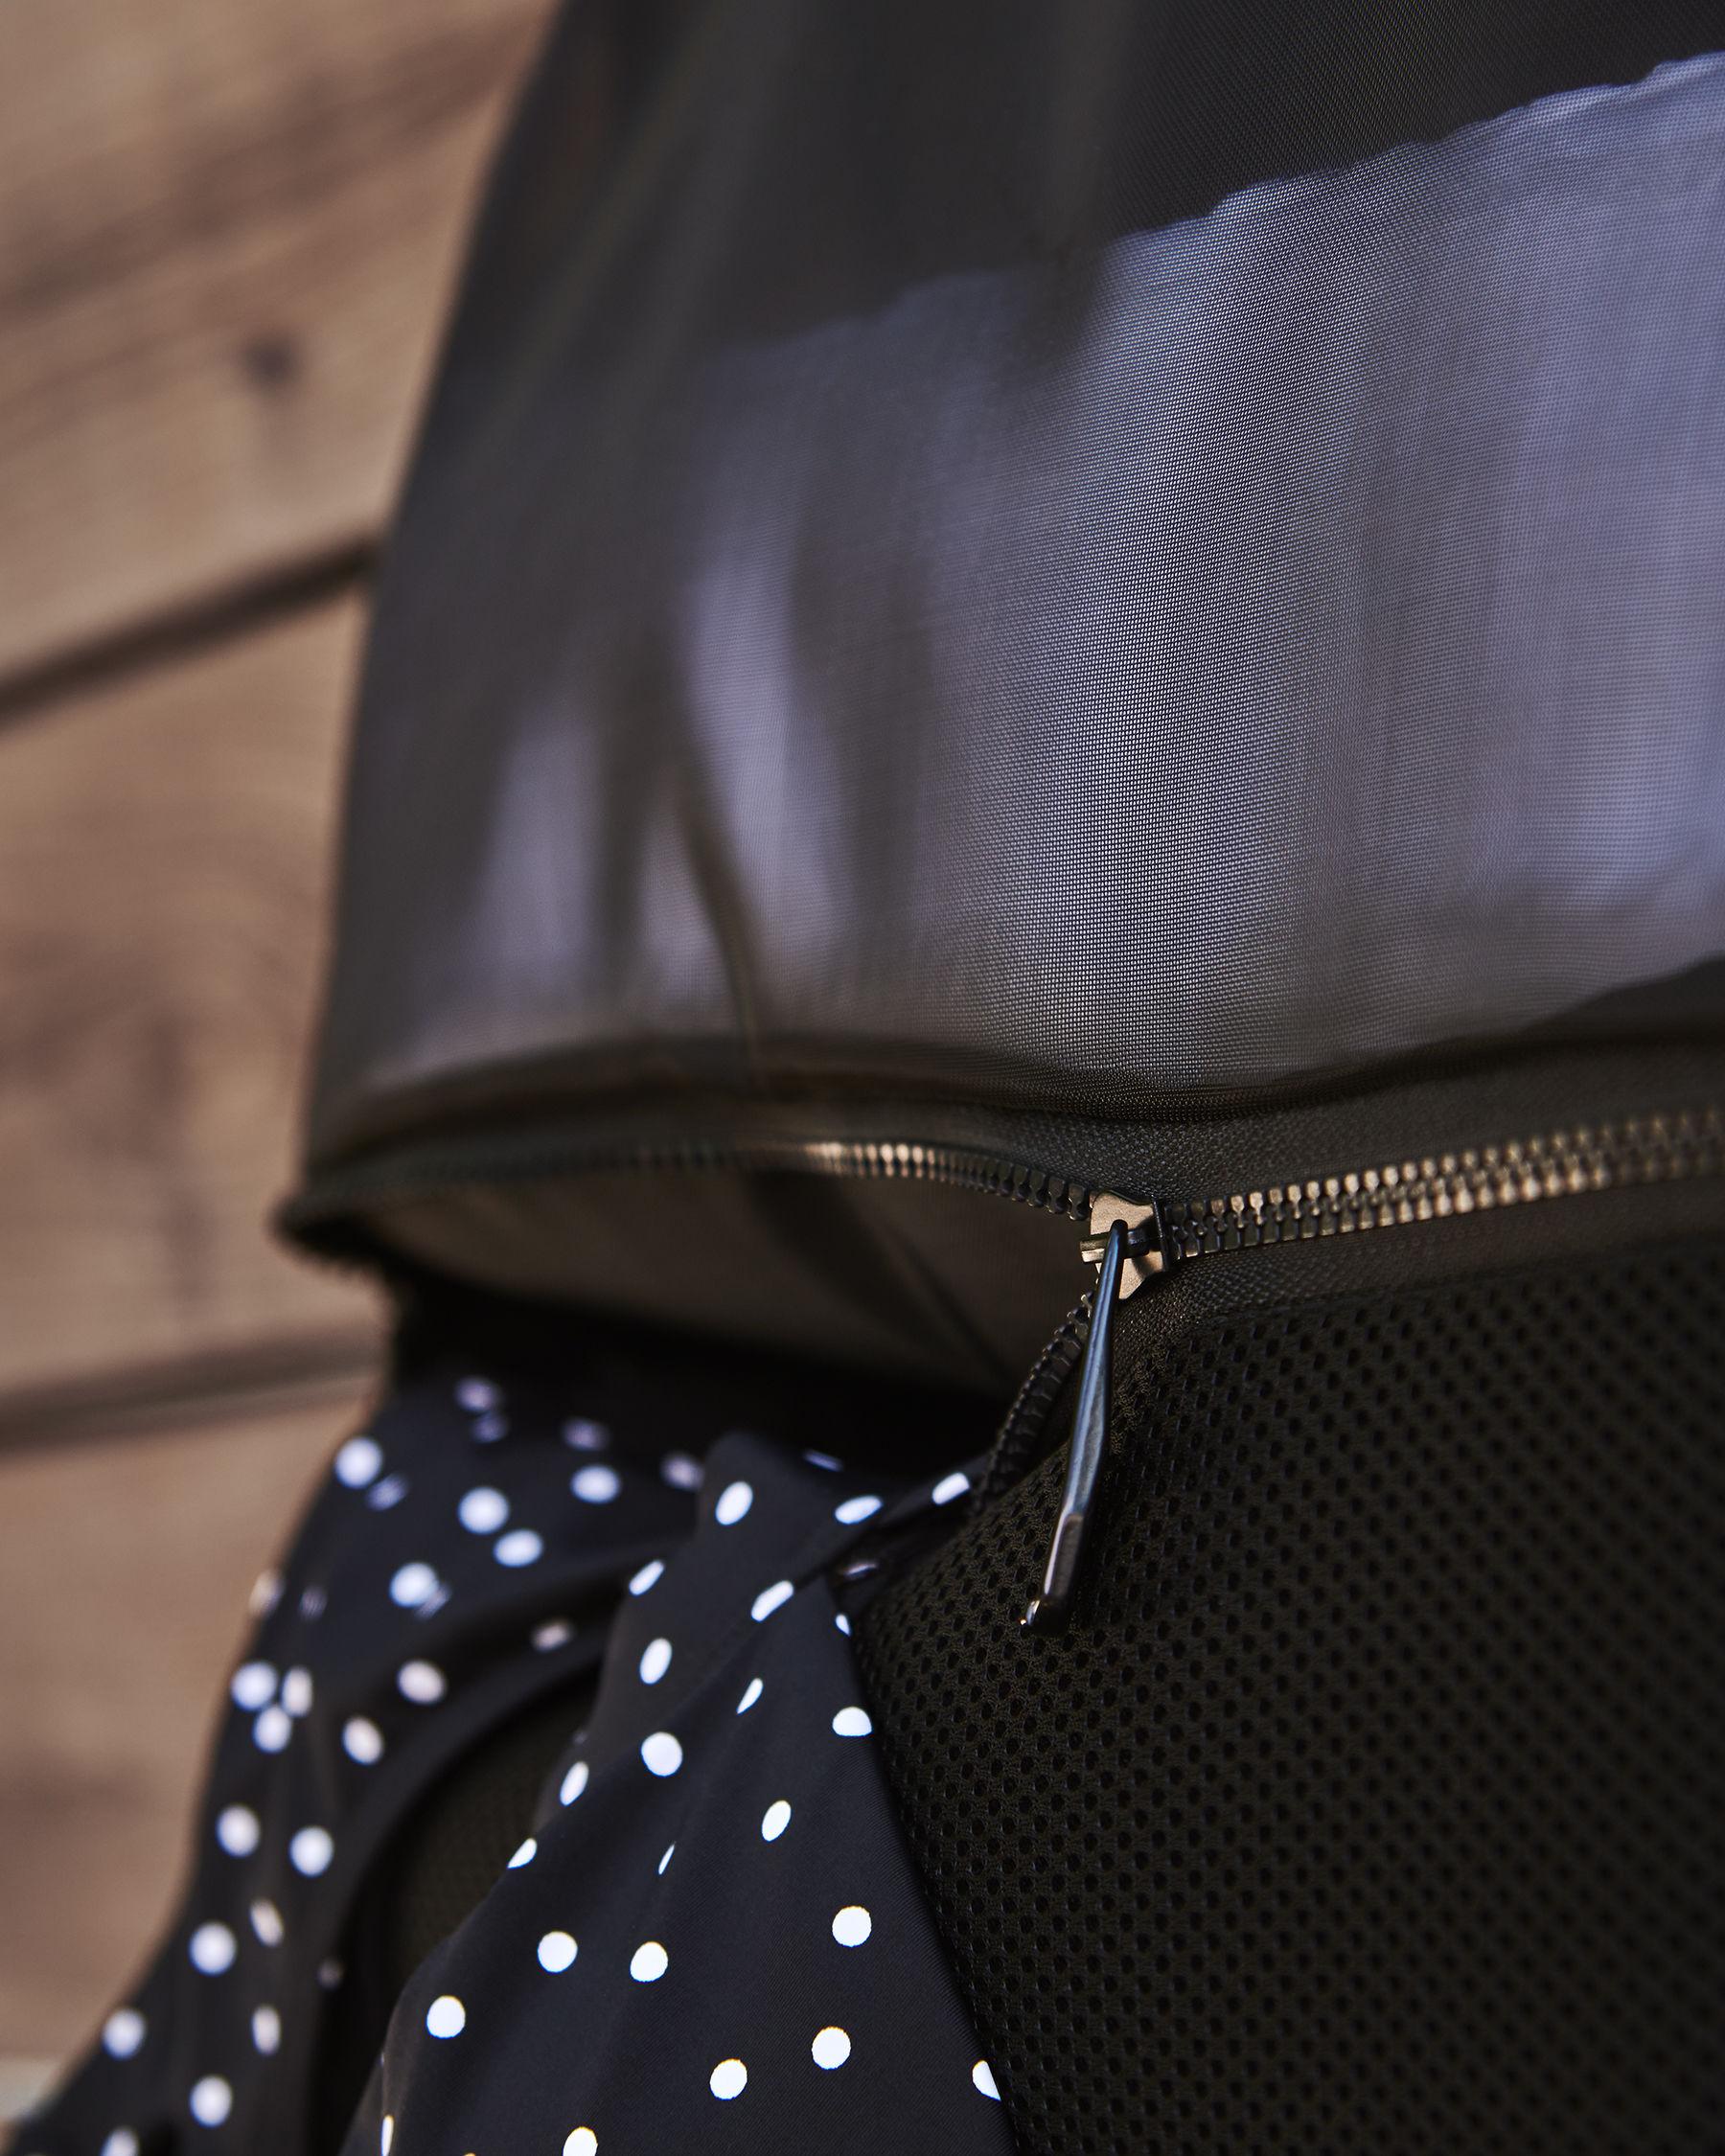 LA VIE EN ROSE AQUA Black Zipper Bag Black 671-661-0-11 - View4